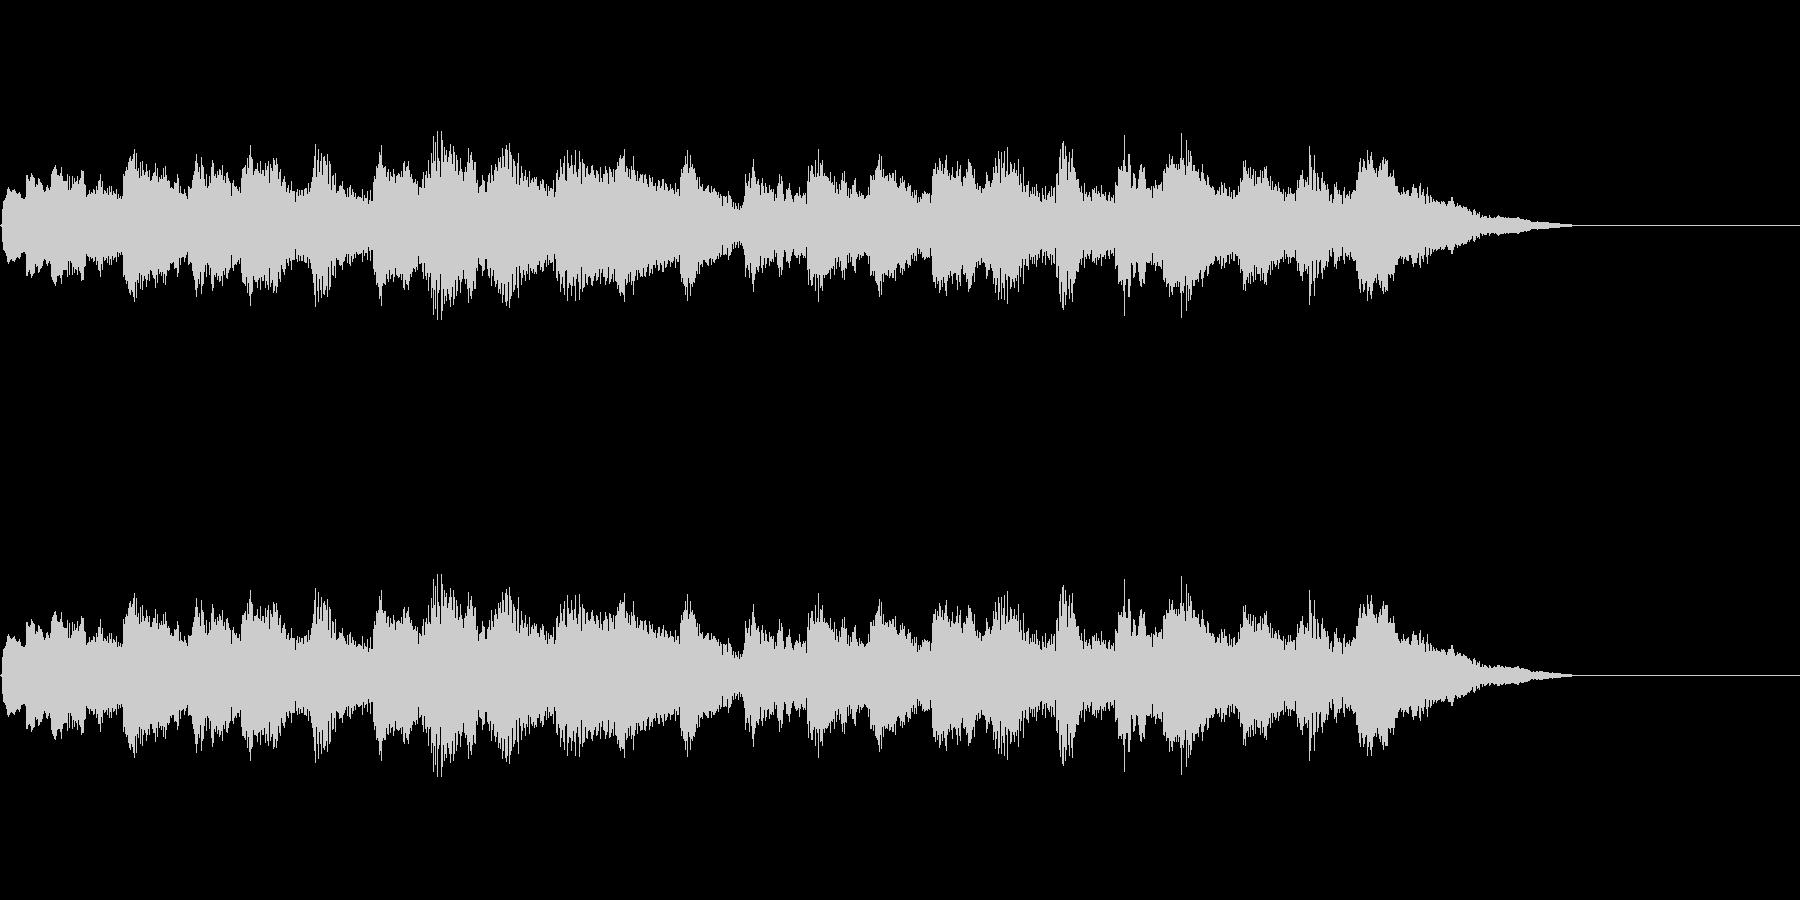 オルゴール、赤ちゃんや幼児をイメージ。の未再生の波形